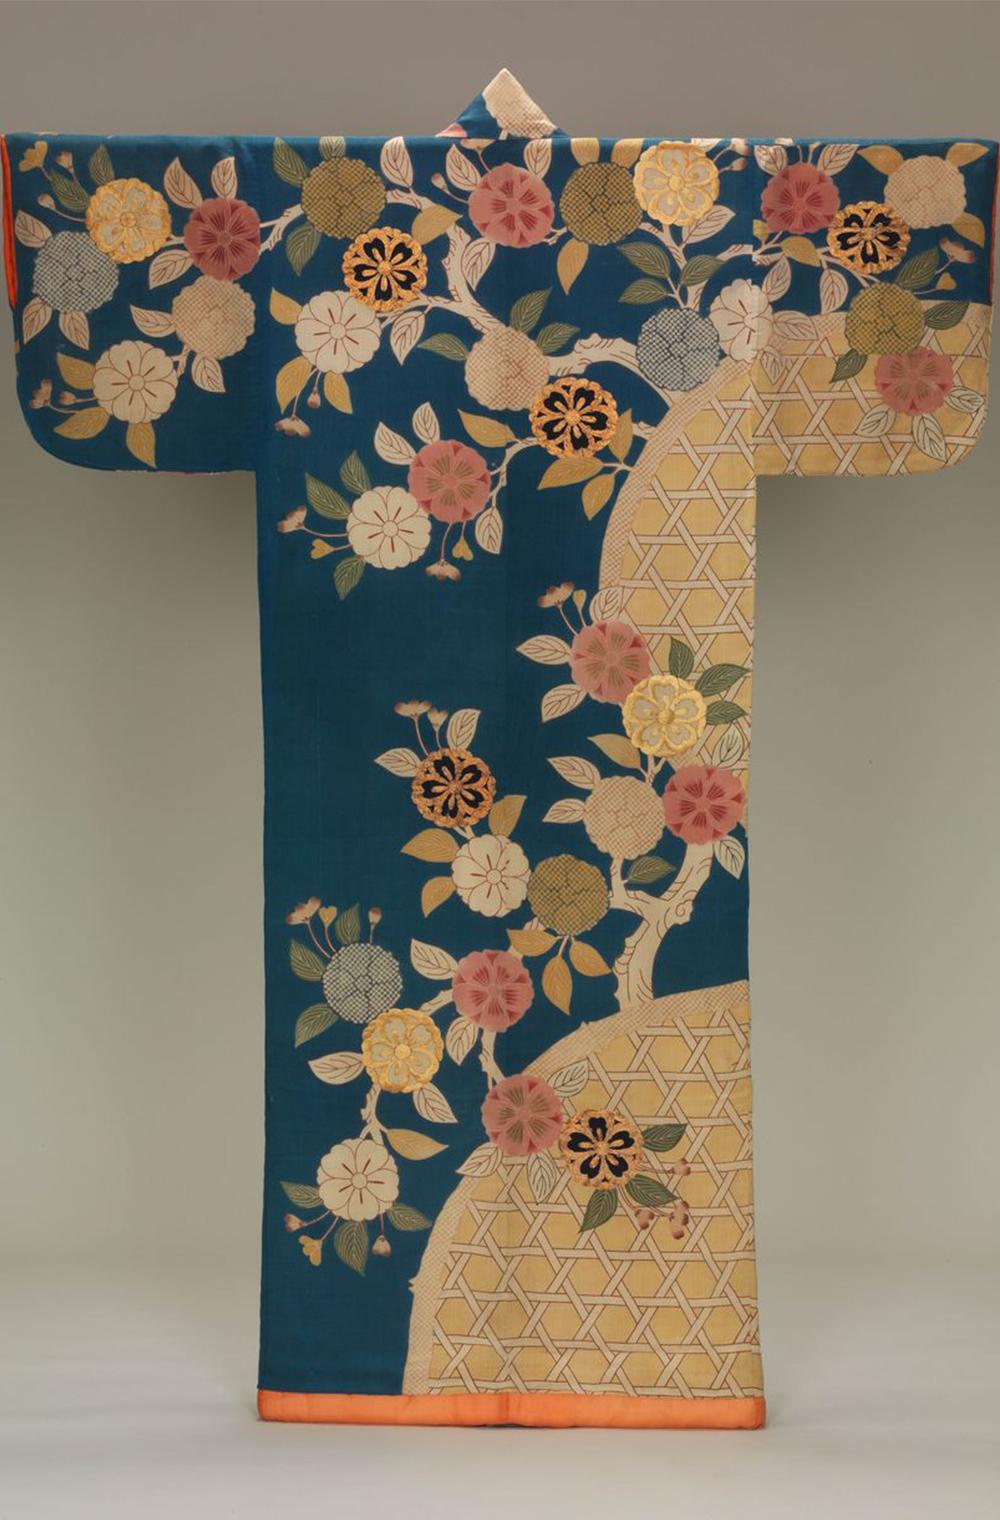 История кимоно — новая выставка в Музее Виктории и Альберта